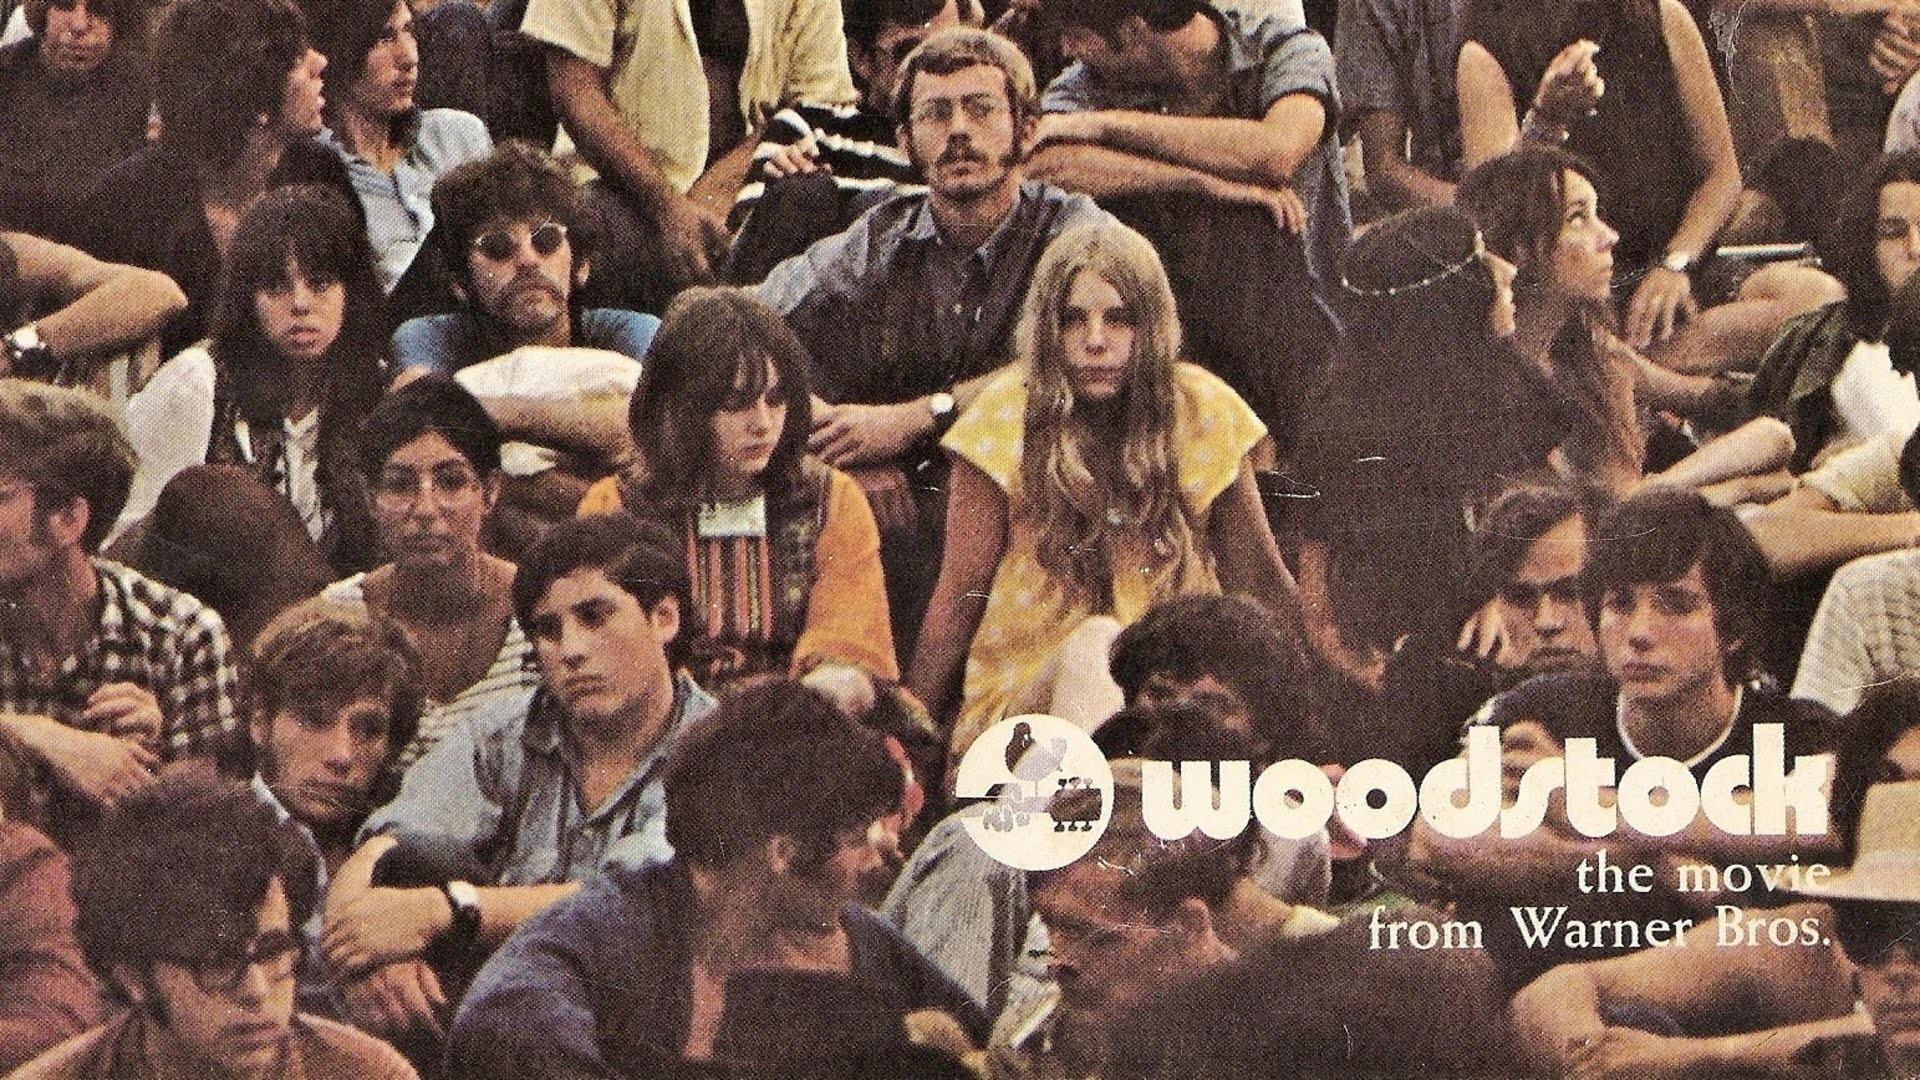 woodstock wallpapers 183��